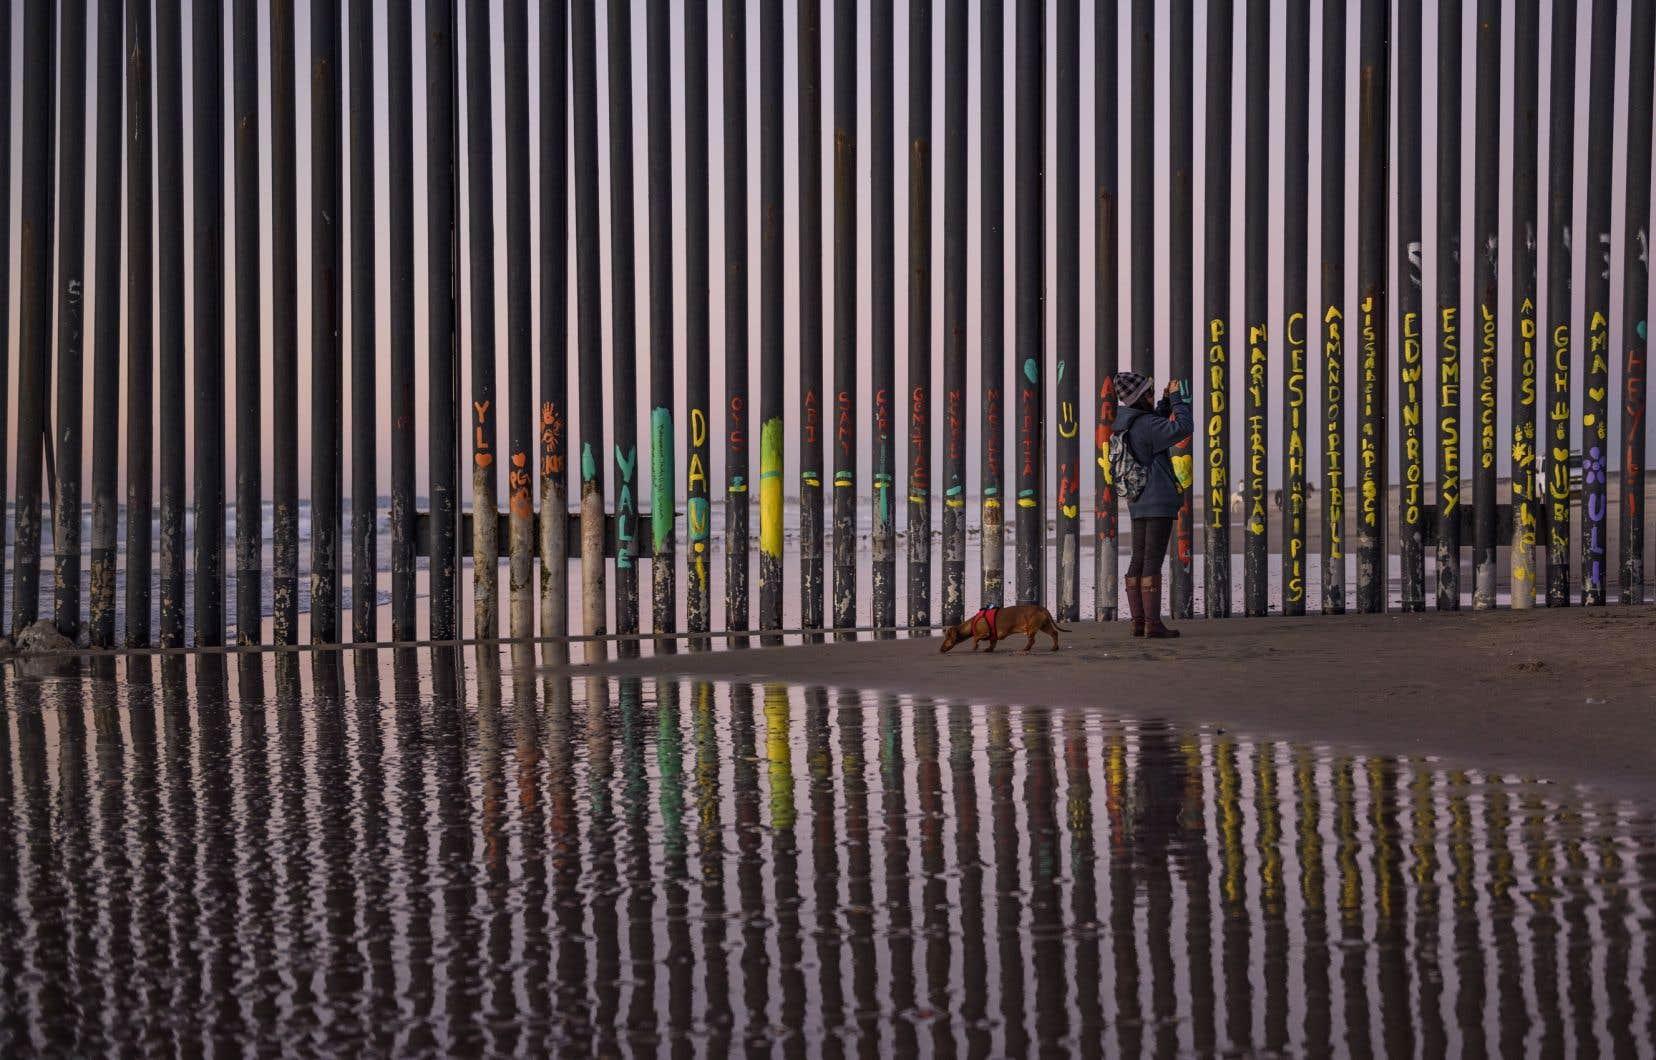 Une femme se promène sur le flanc mexicain de la clôture frontalière qui sépare San Diego, aux États-Unis, et Tijuana, au Mexique.